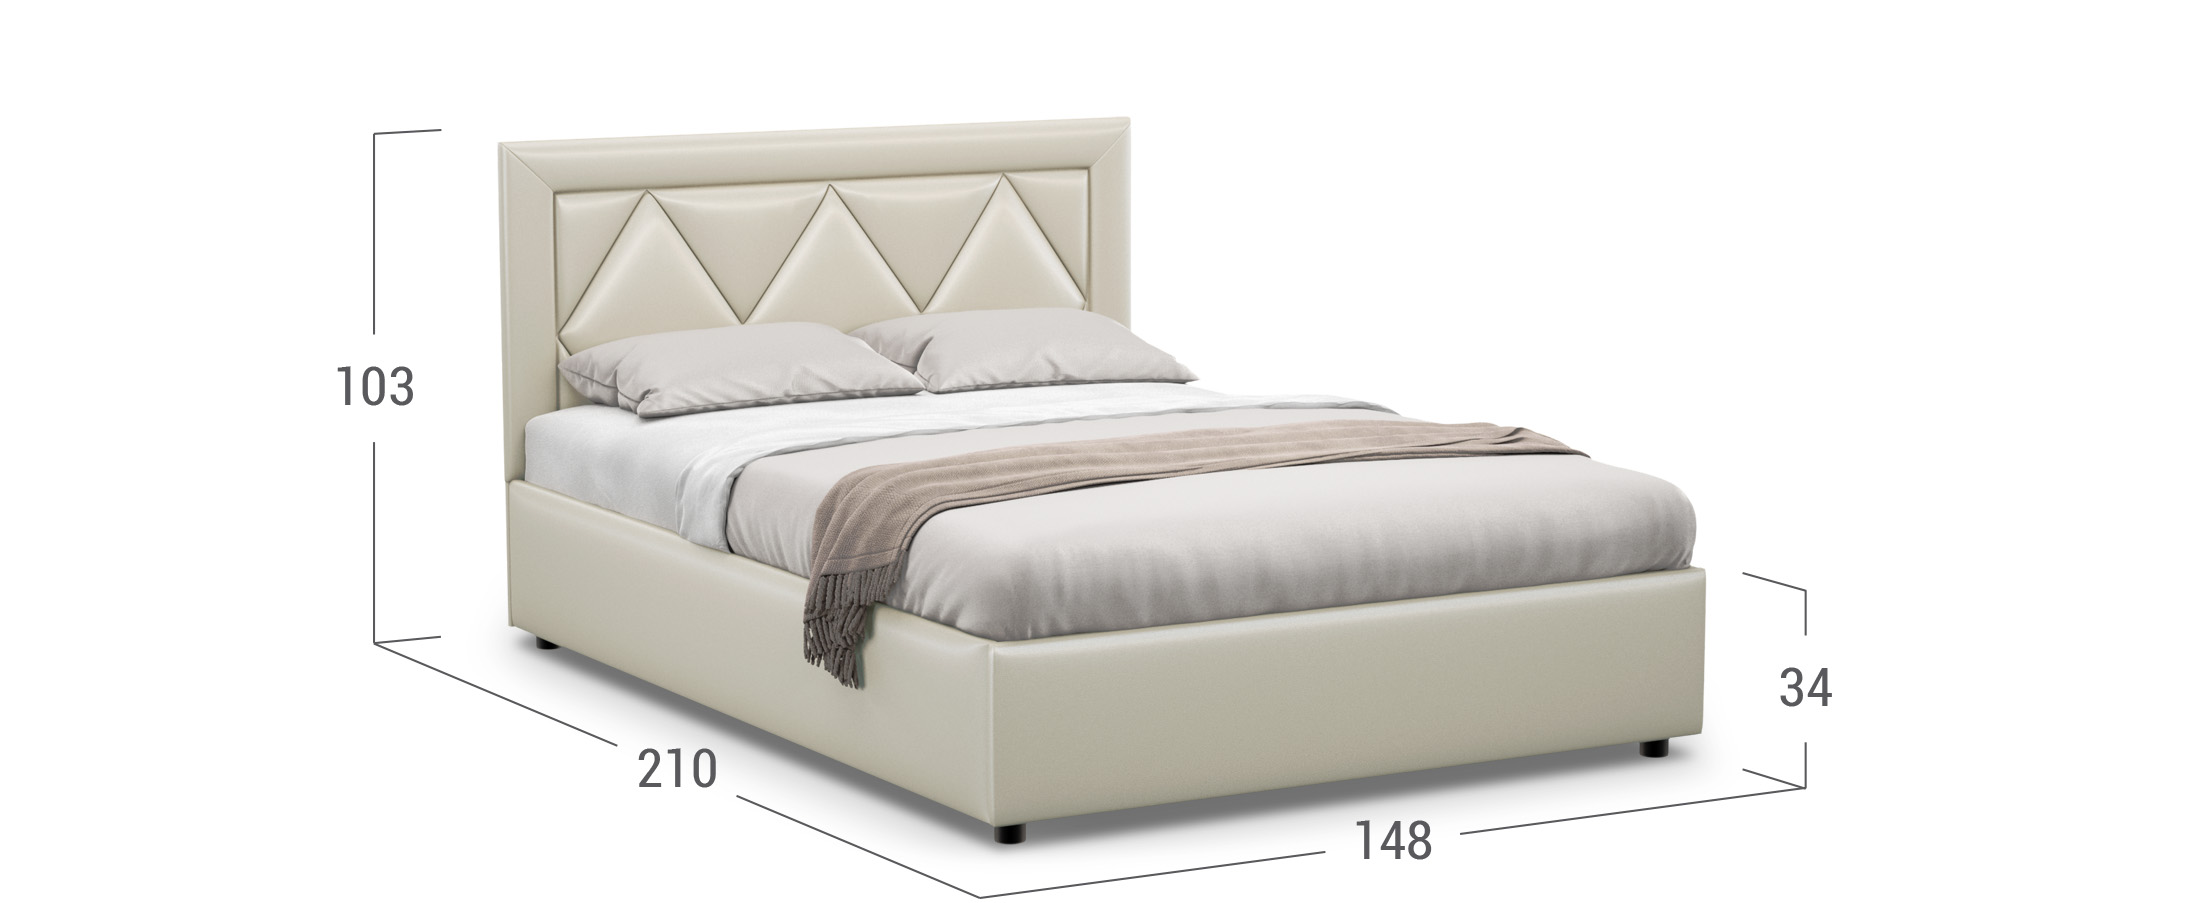 Кровать двуспальная Dominica New 140х200 Модель 1223